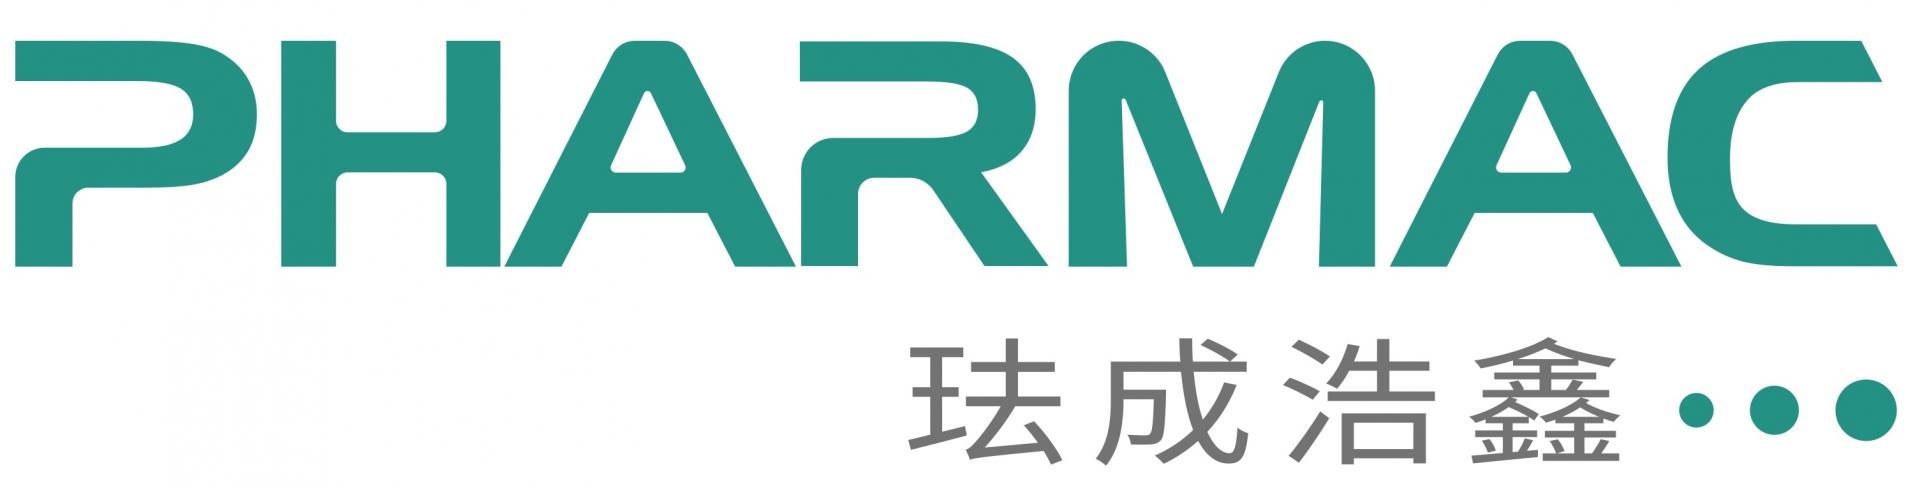 广州市浩鑫洁净工程技术有限公司